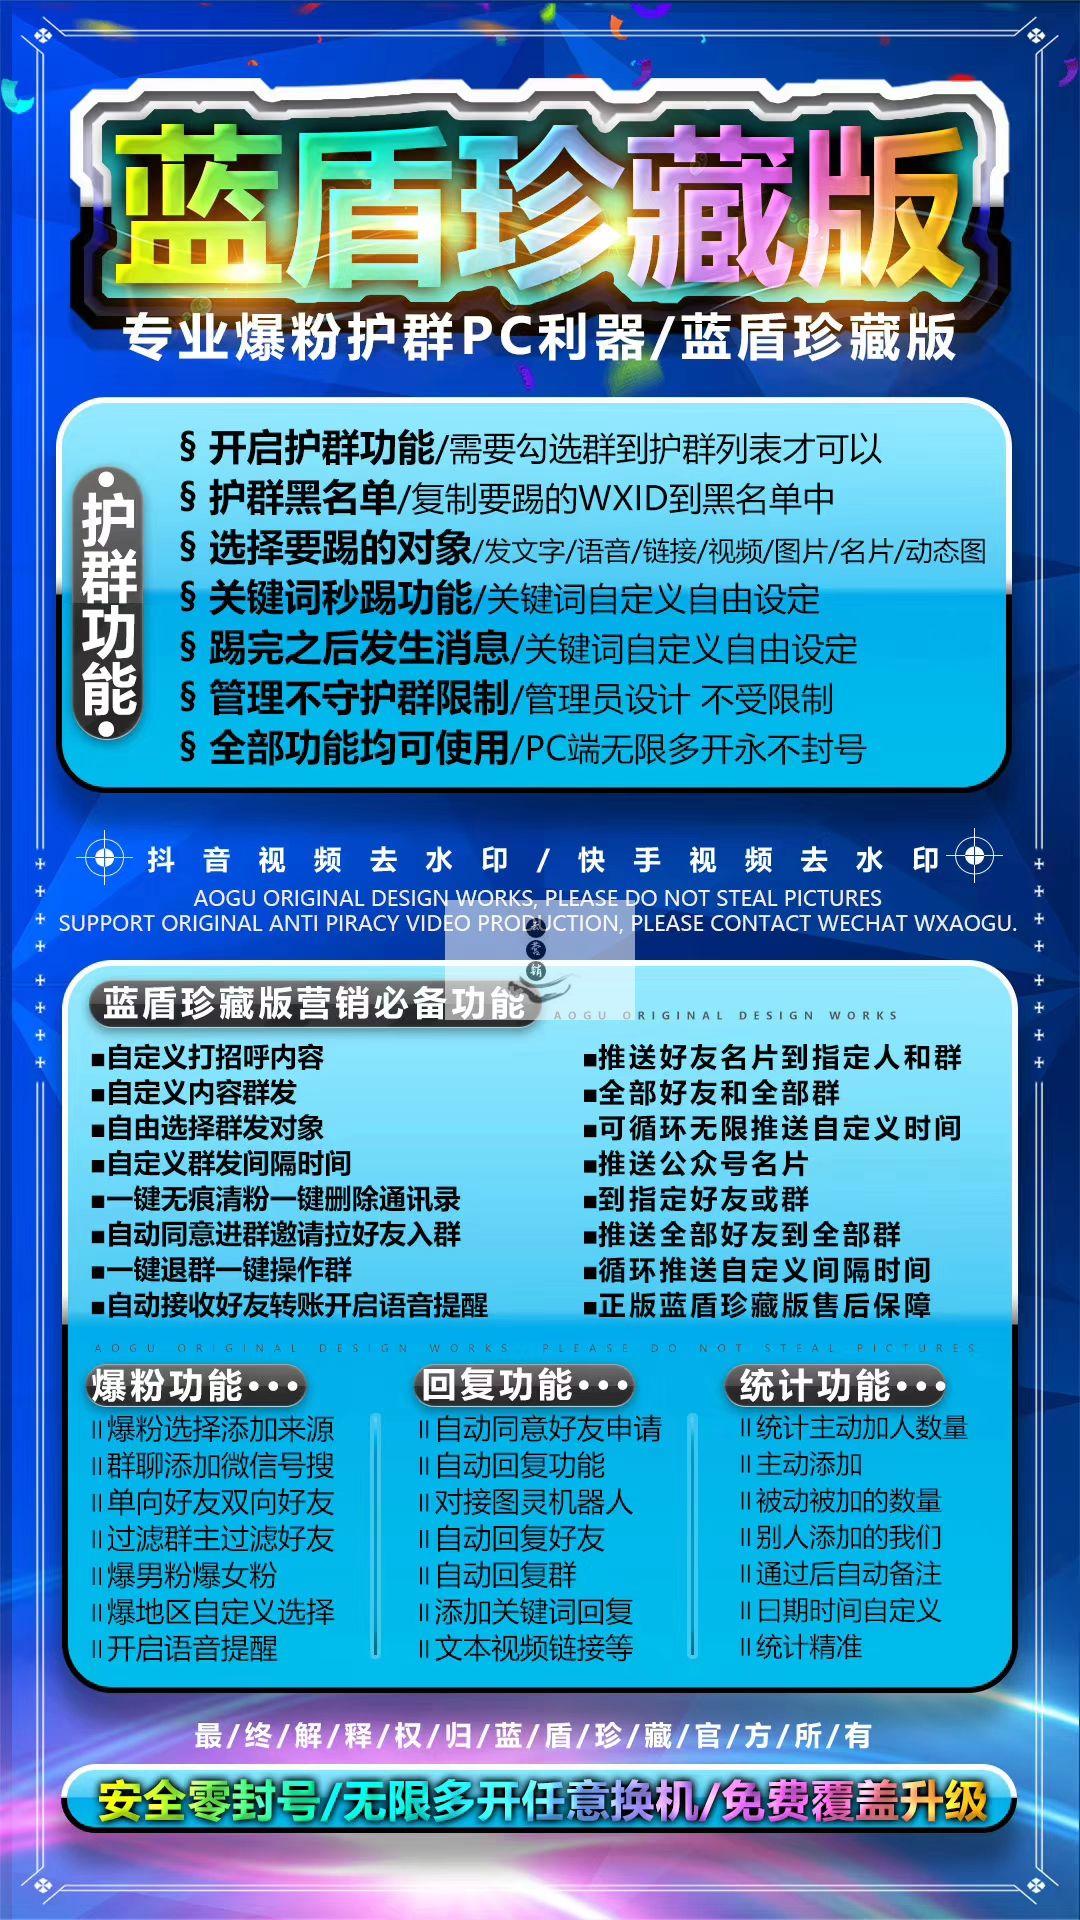 蓝盾问财神 13.0全功能爆粉机器人/收藏群发/备注好友/僵尸粉/群发/定时循环/护群 (图1)